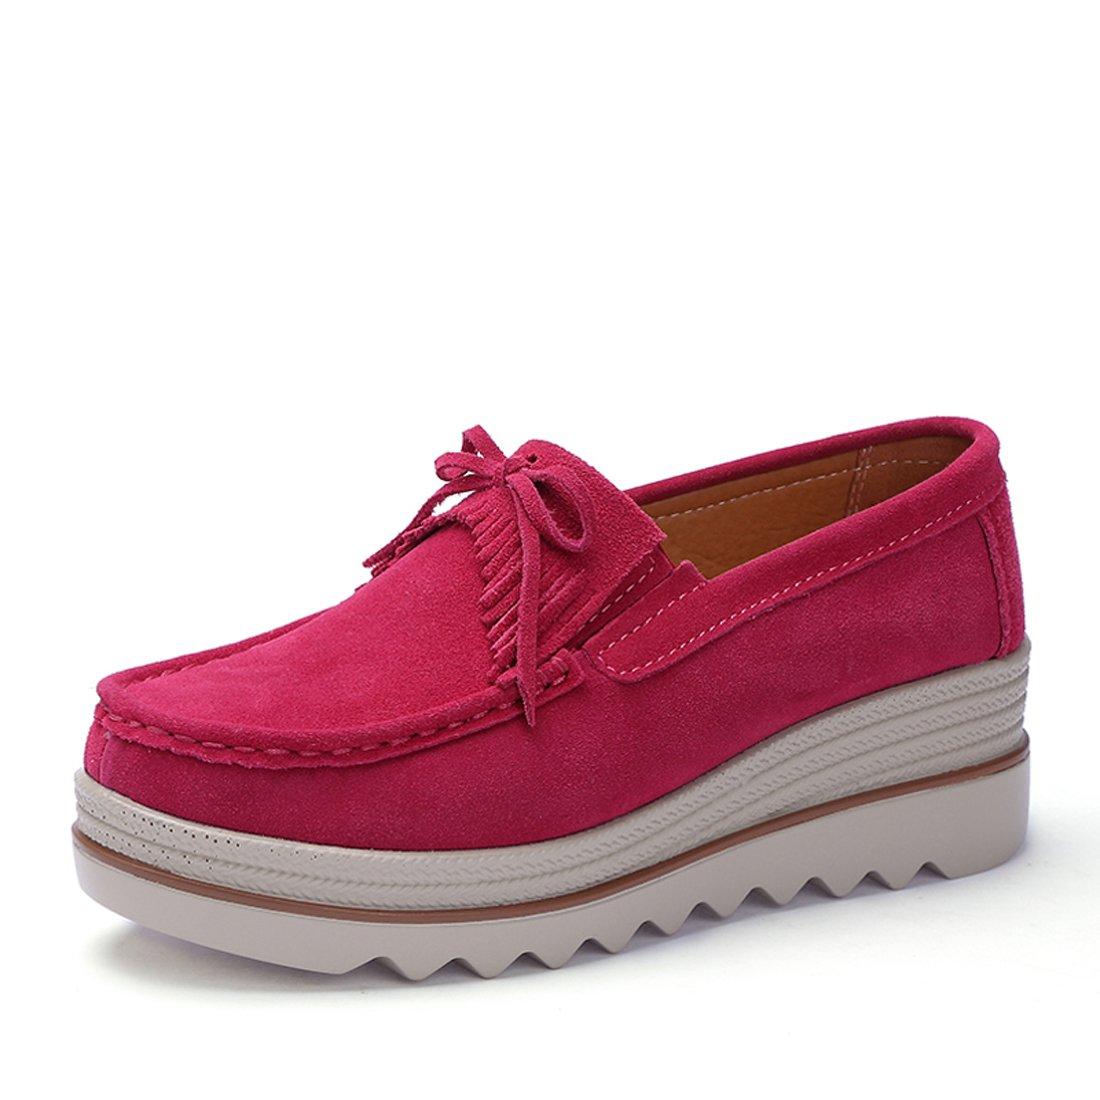 Z.SUO Mocassini Donna in Pelle Scamosciata Moda comode Loafers Scarpe da Guida Rose Red